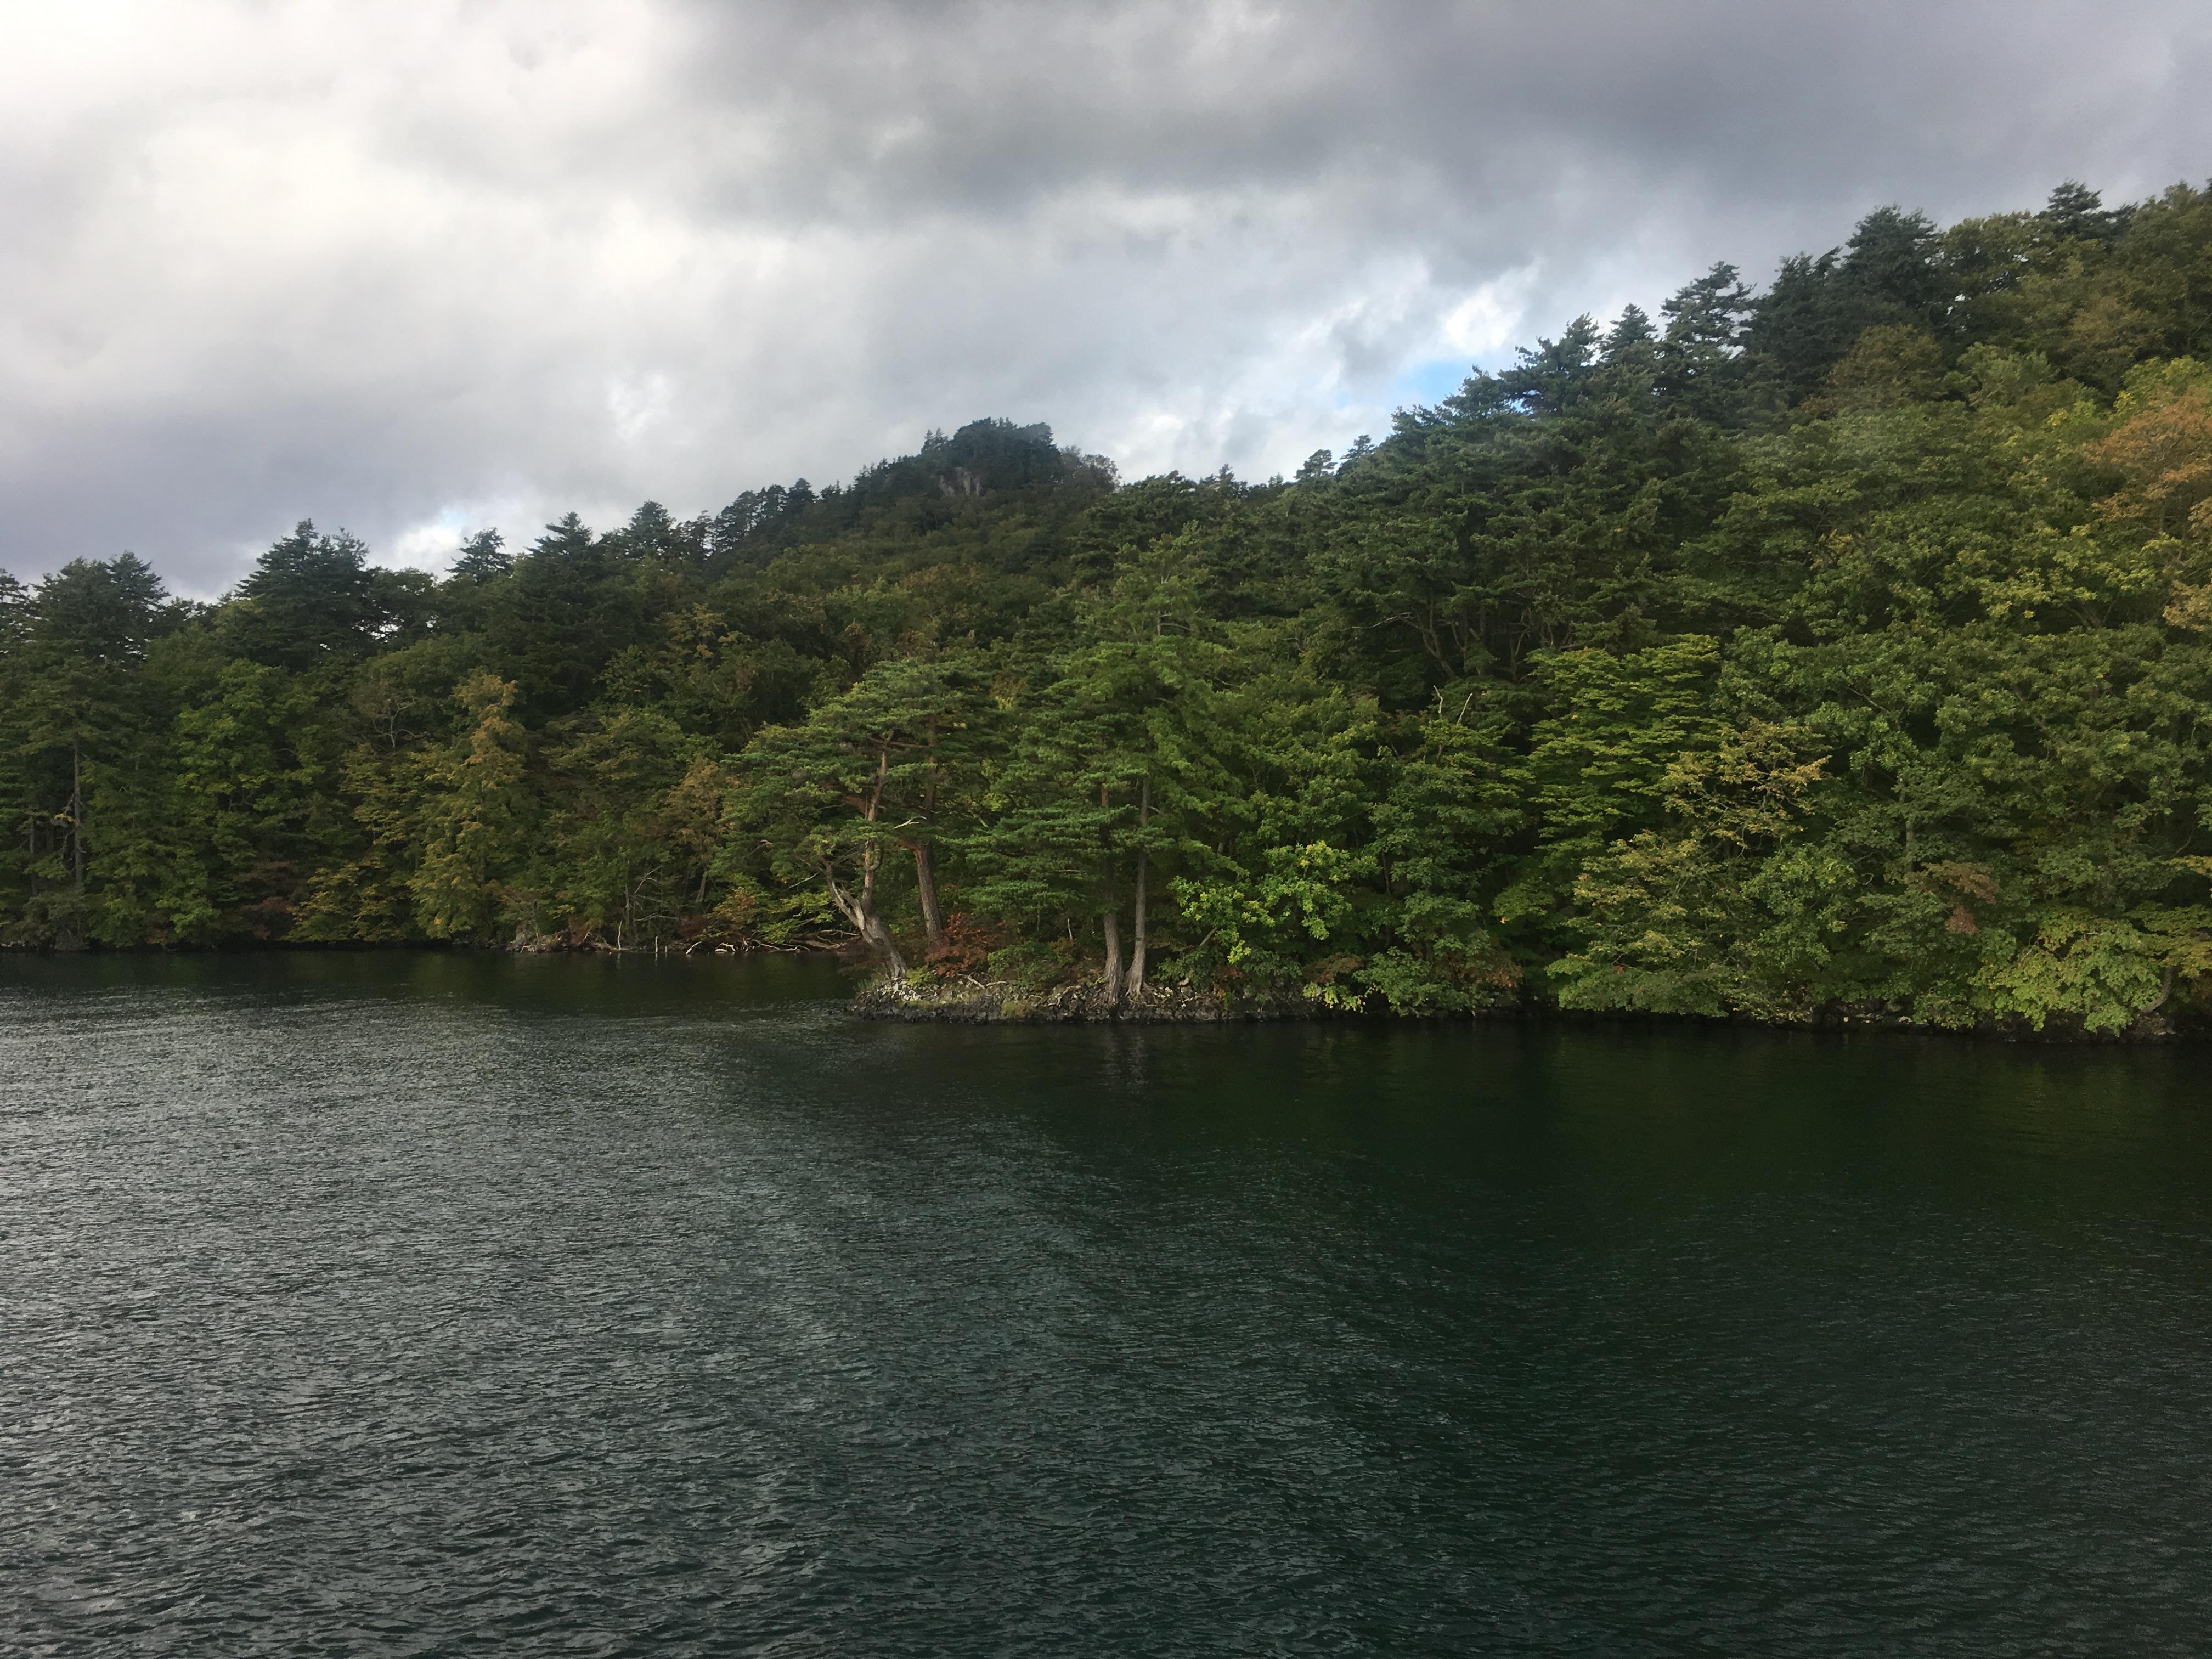 十和田湖遊覧船船首から中山半島